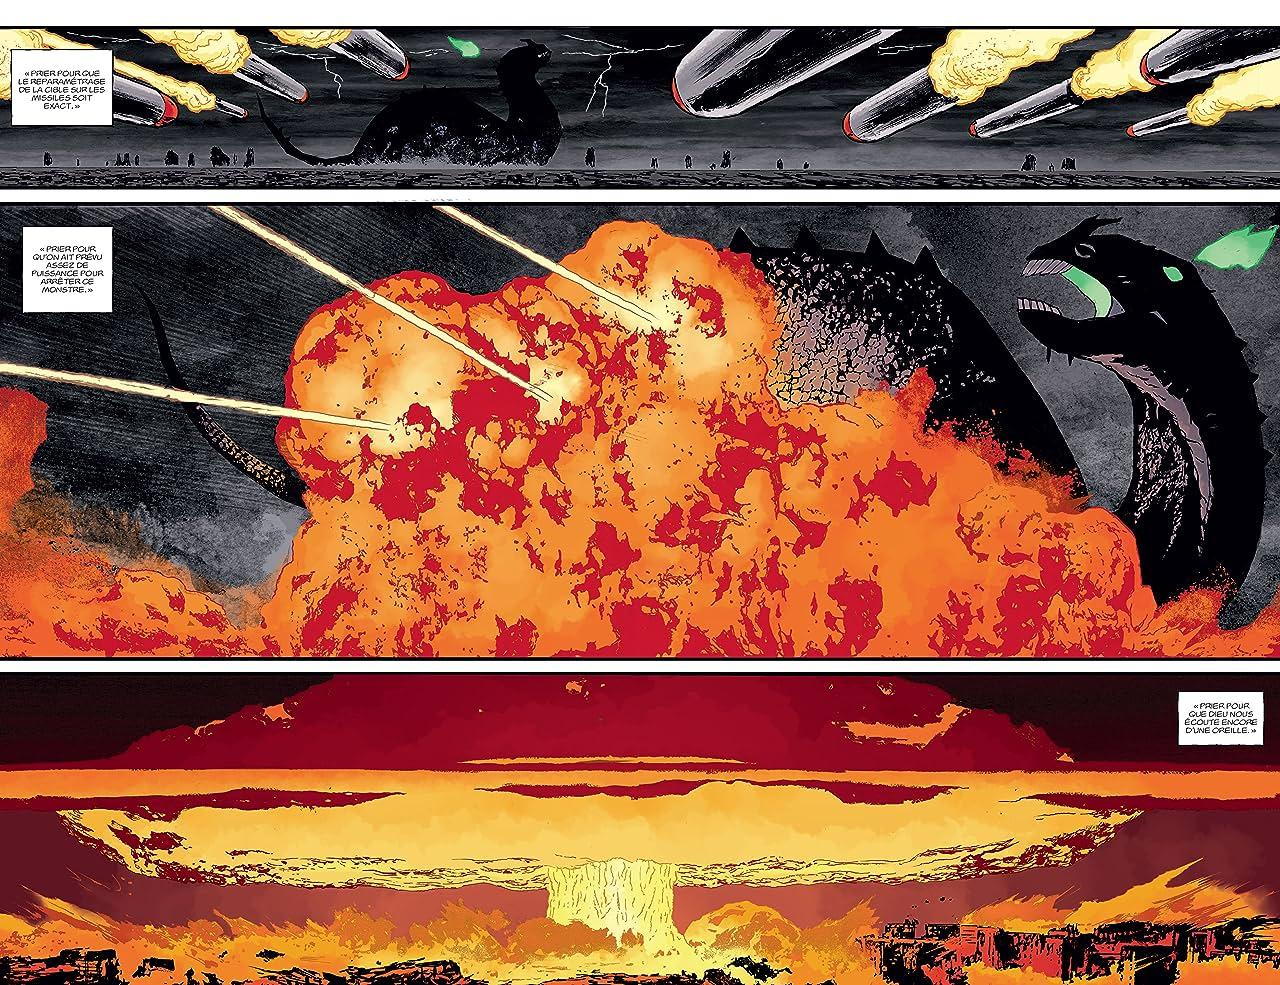 BPRD - L'Enfer sur Terre Vol. 8: Quand sonne le glas